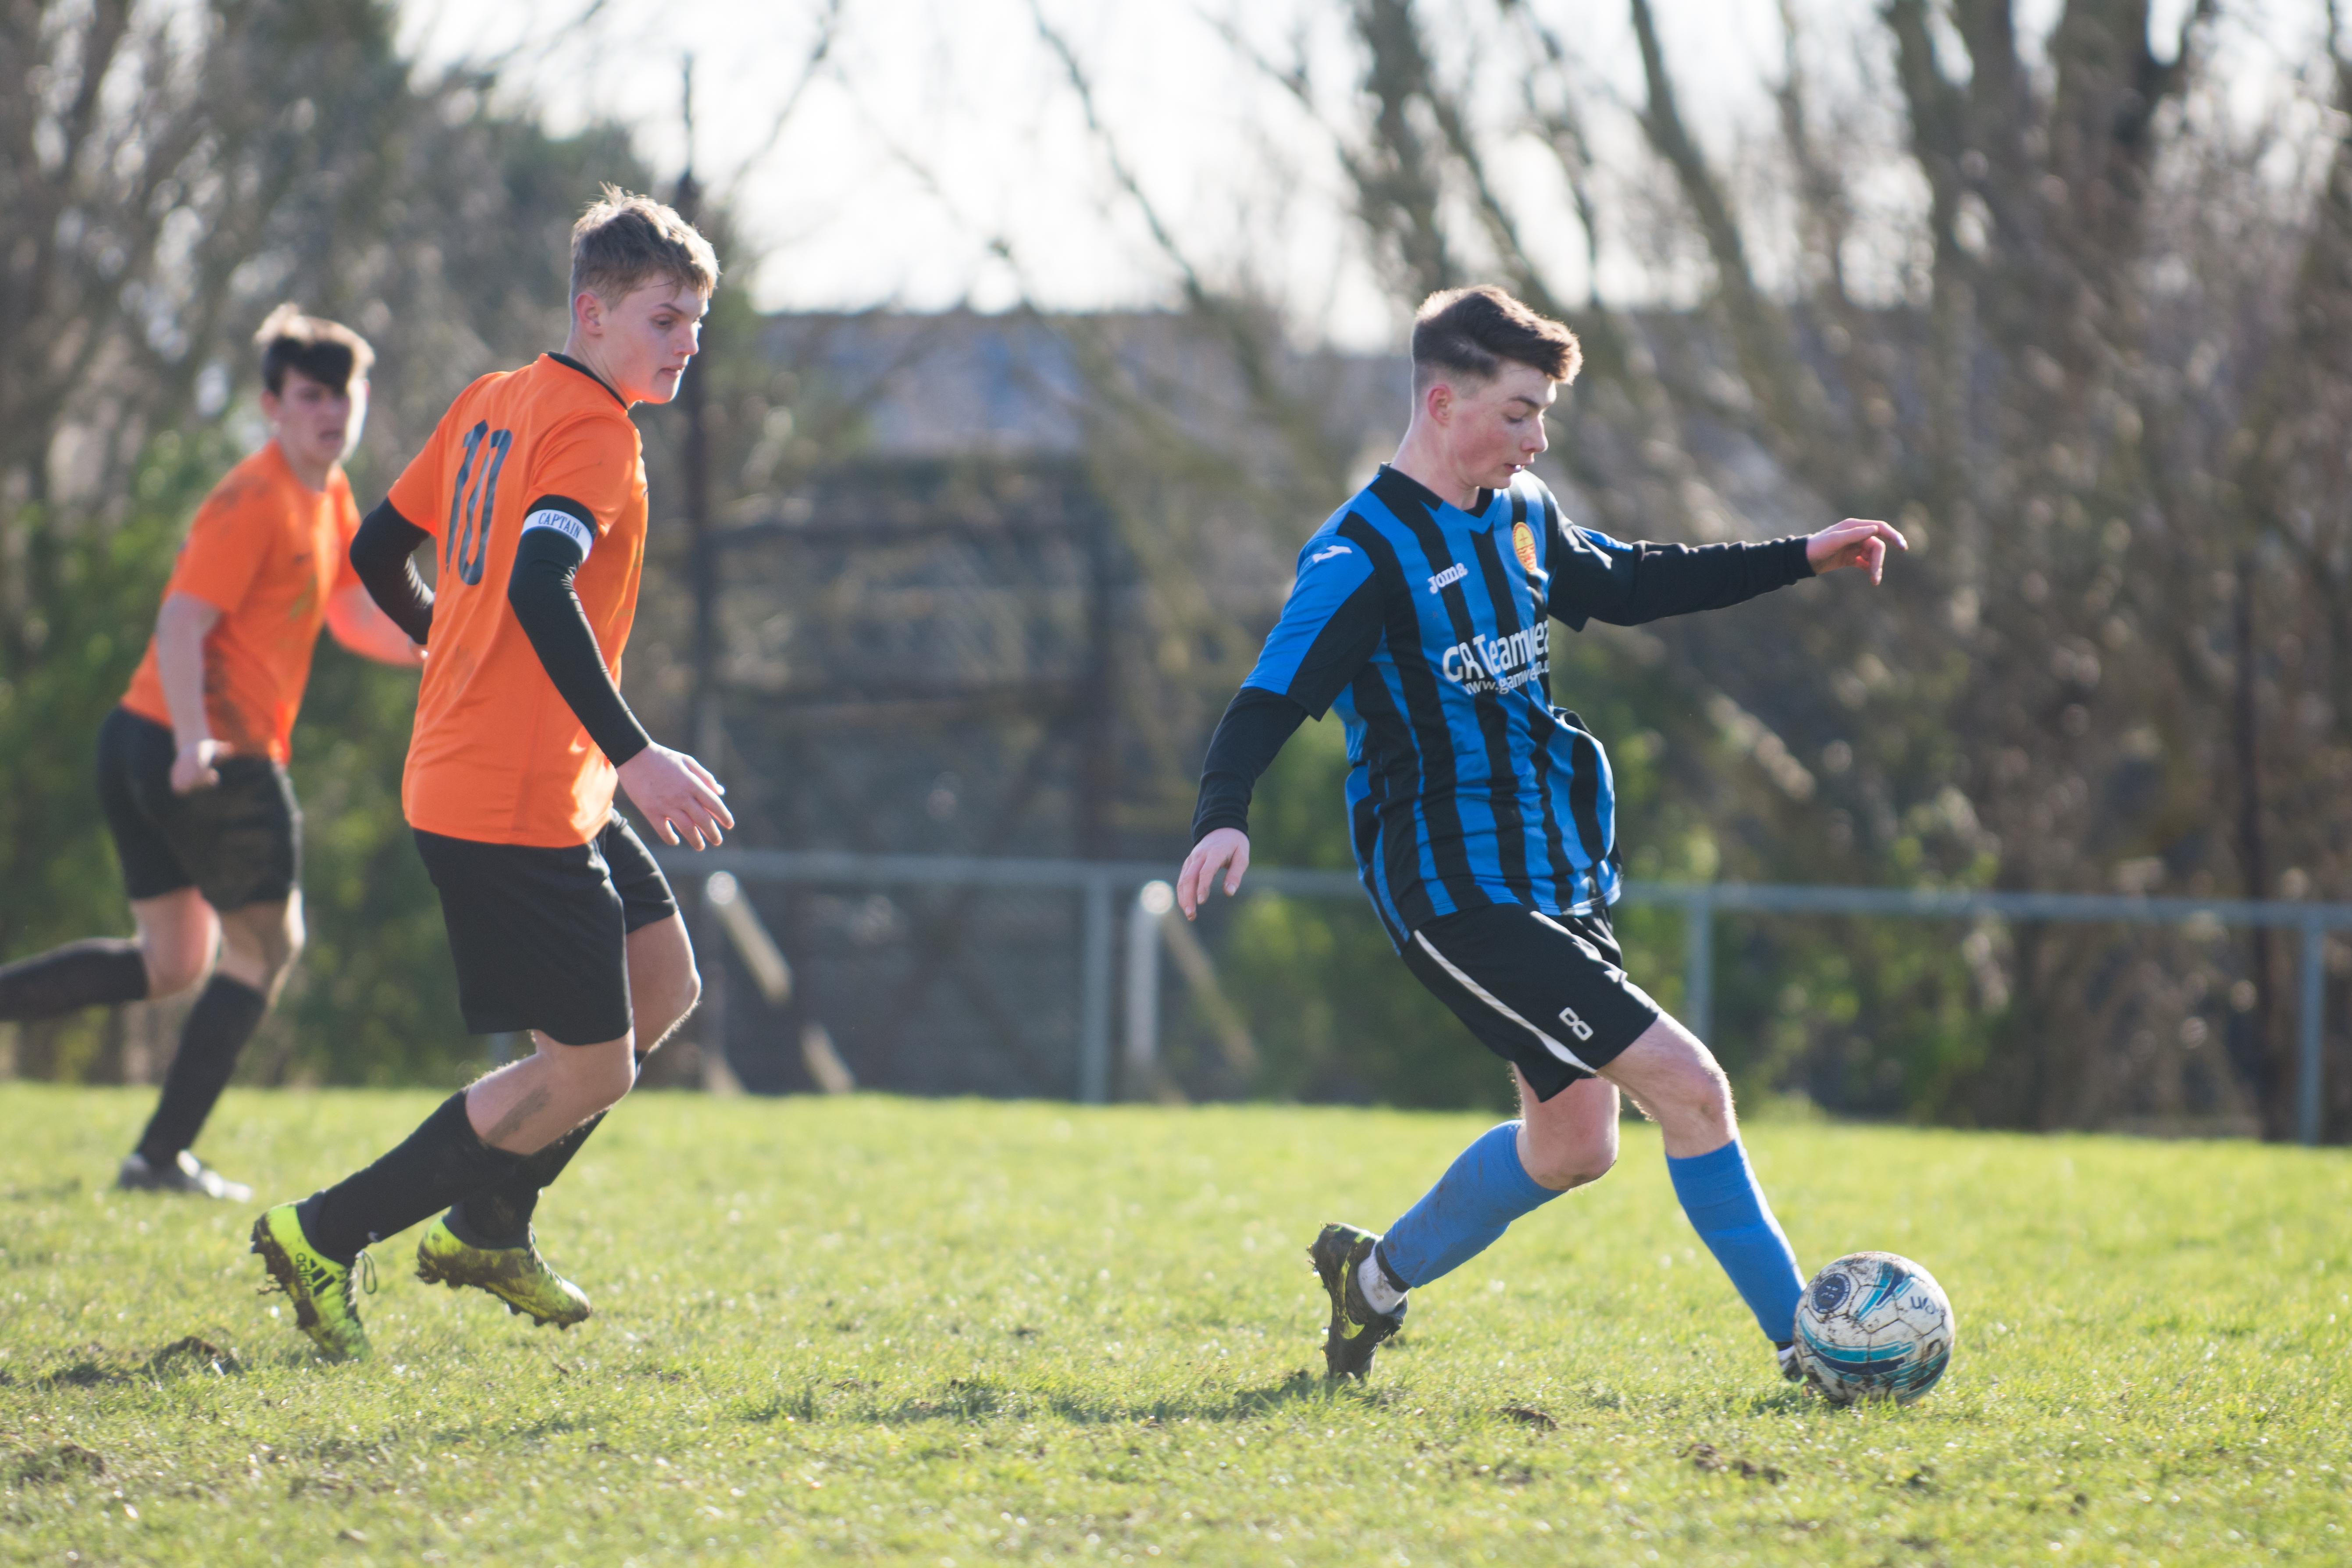 Mile Oak FC U18s vs Newhaven FC U18s 04.02.18 26